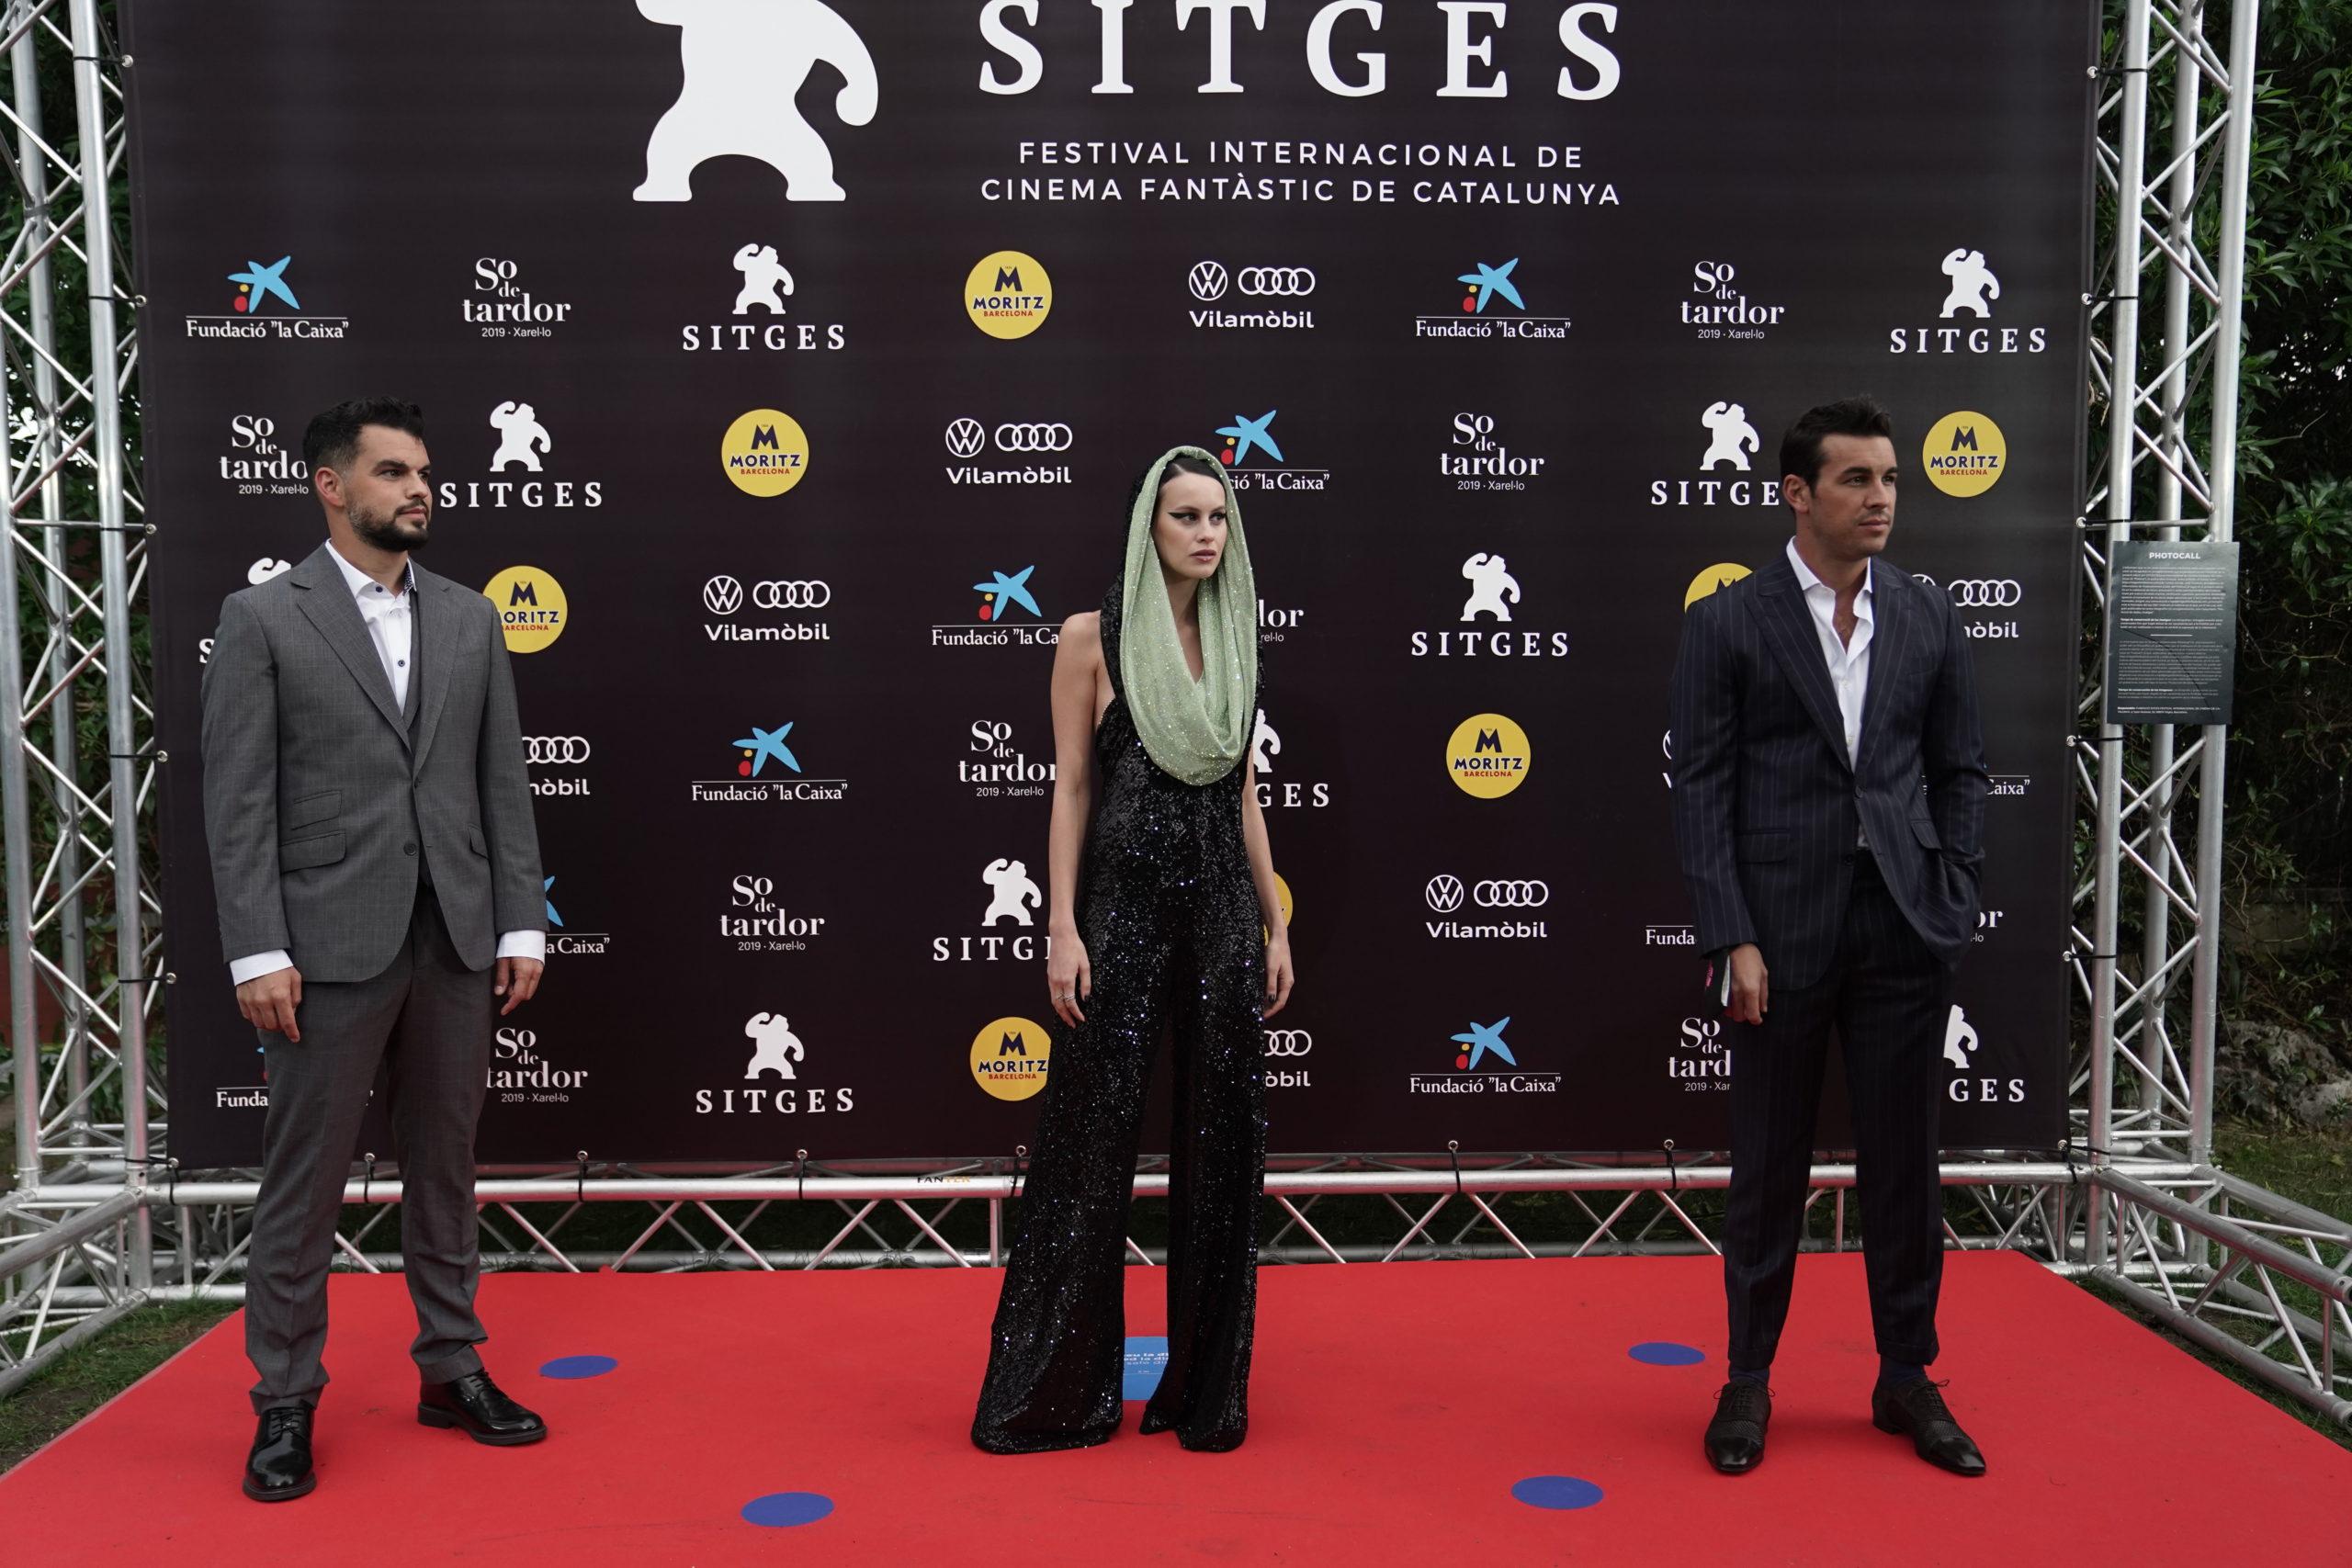 El director David Victori y los protagonistas de 'No matarás', Milena Smit y Mario Casas, en la alfombra roja previa al estreno en Sitges.